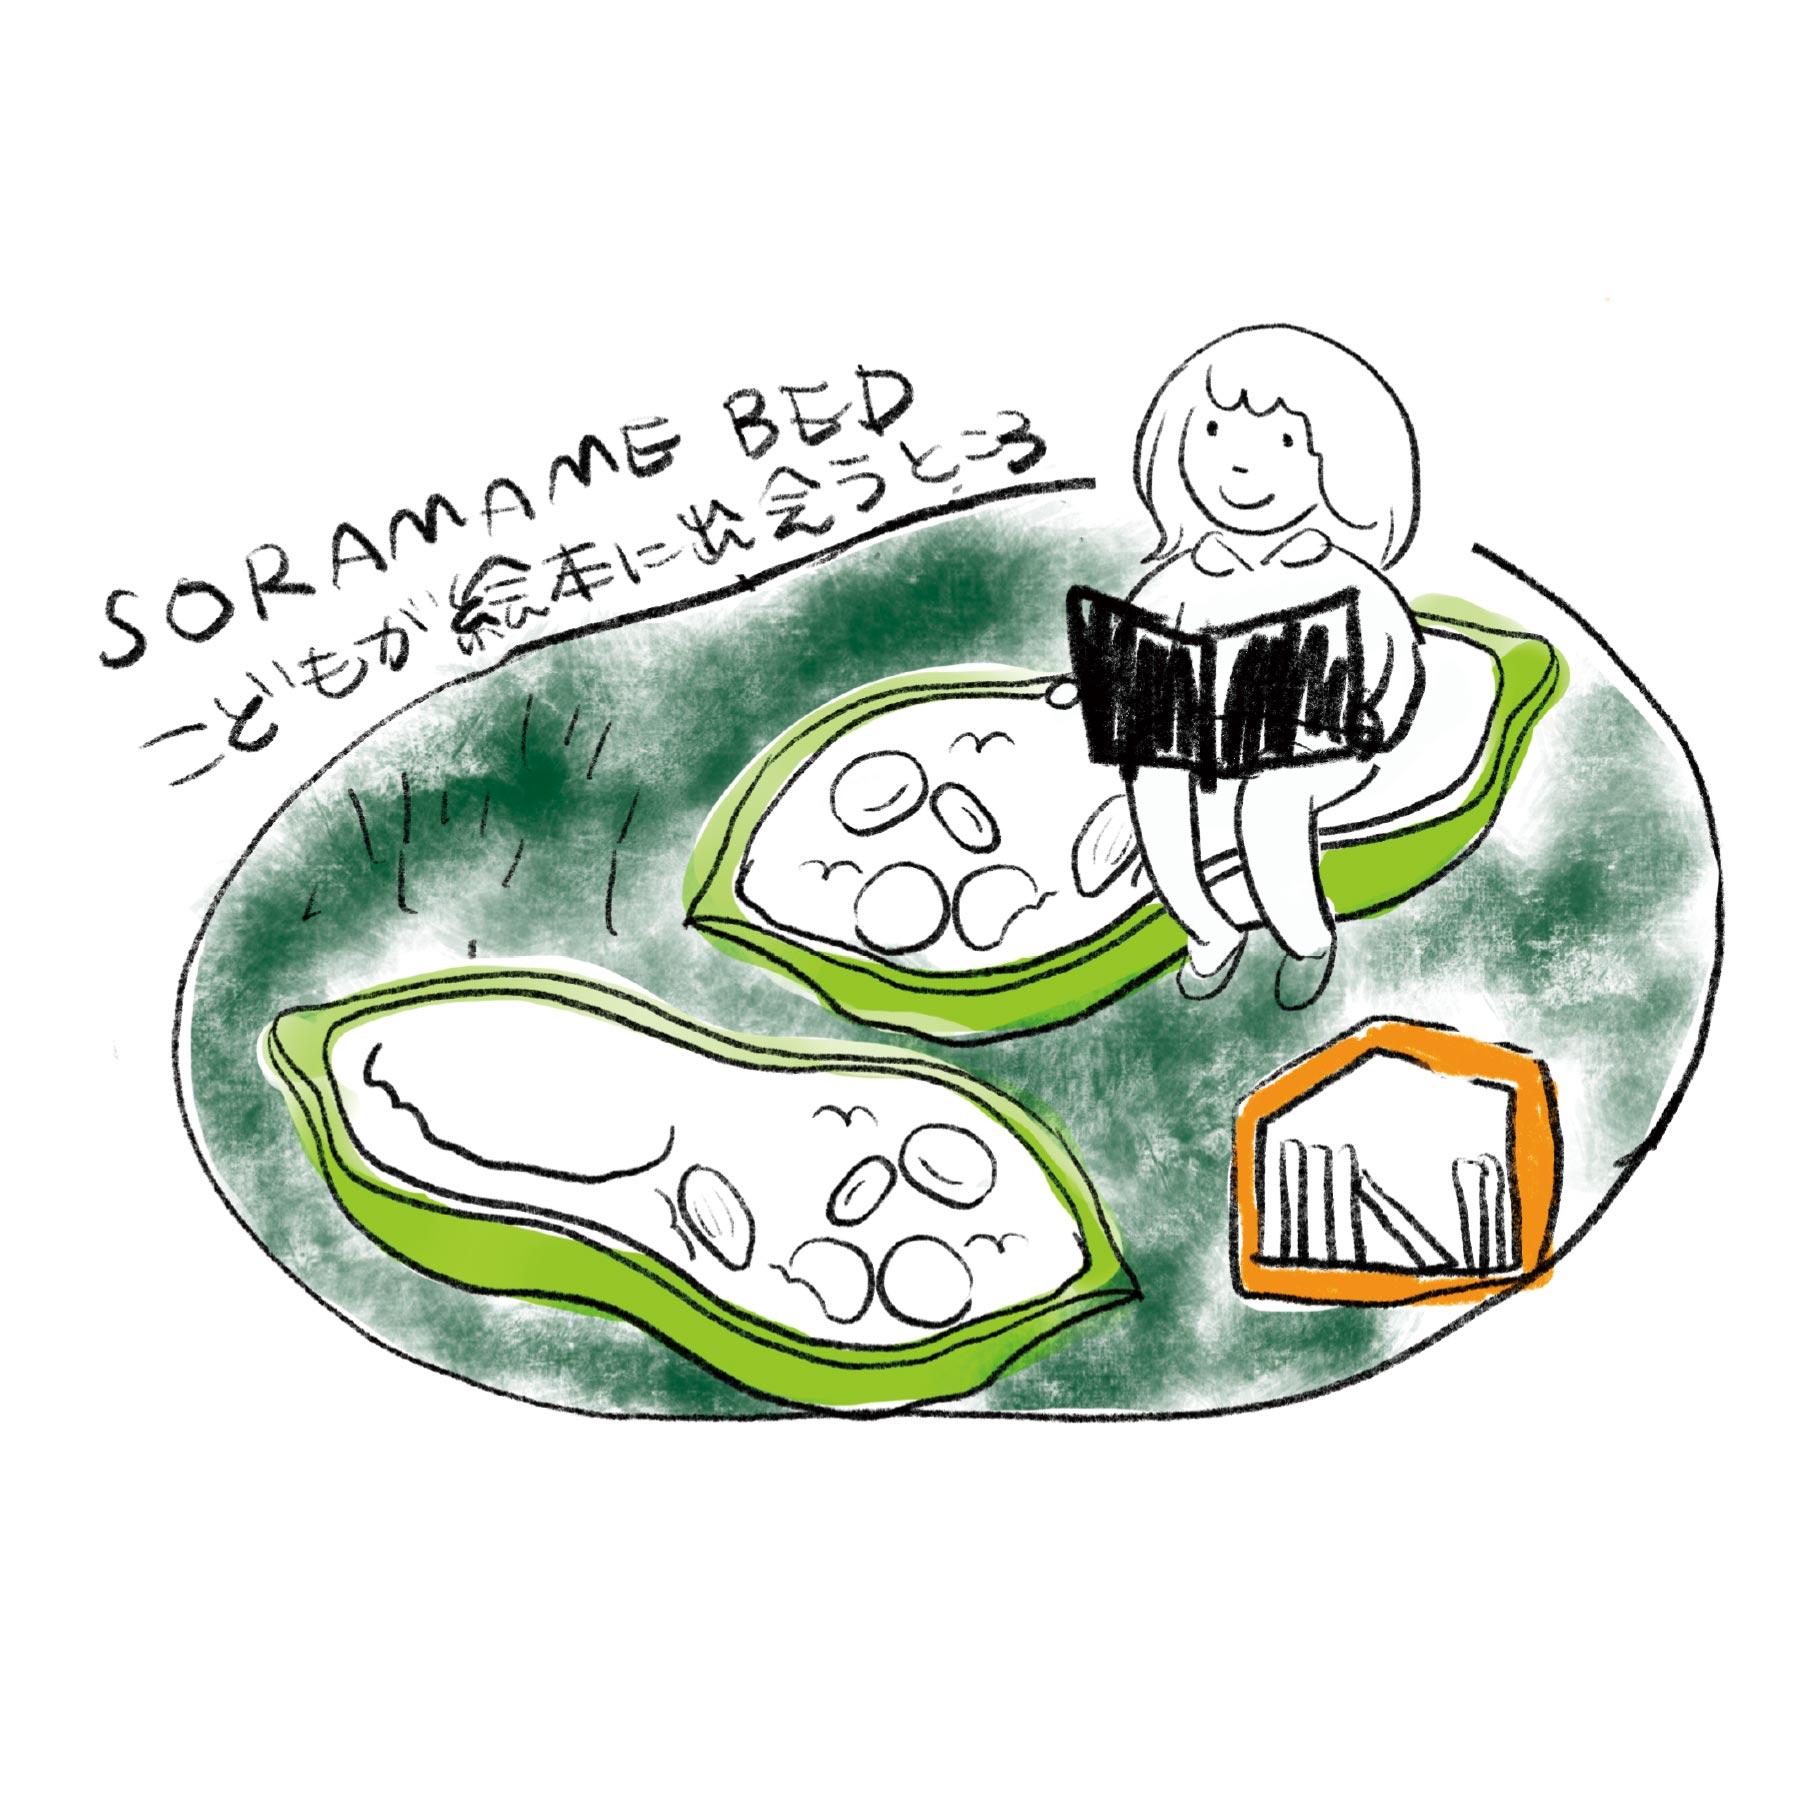 8そらまめのベッド/-こどもが絵本に出会うところ